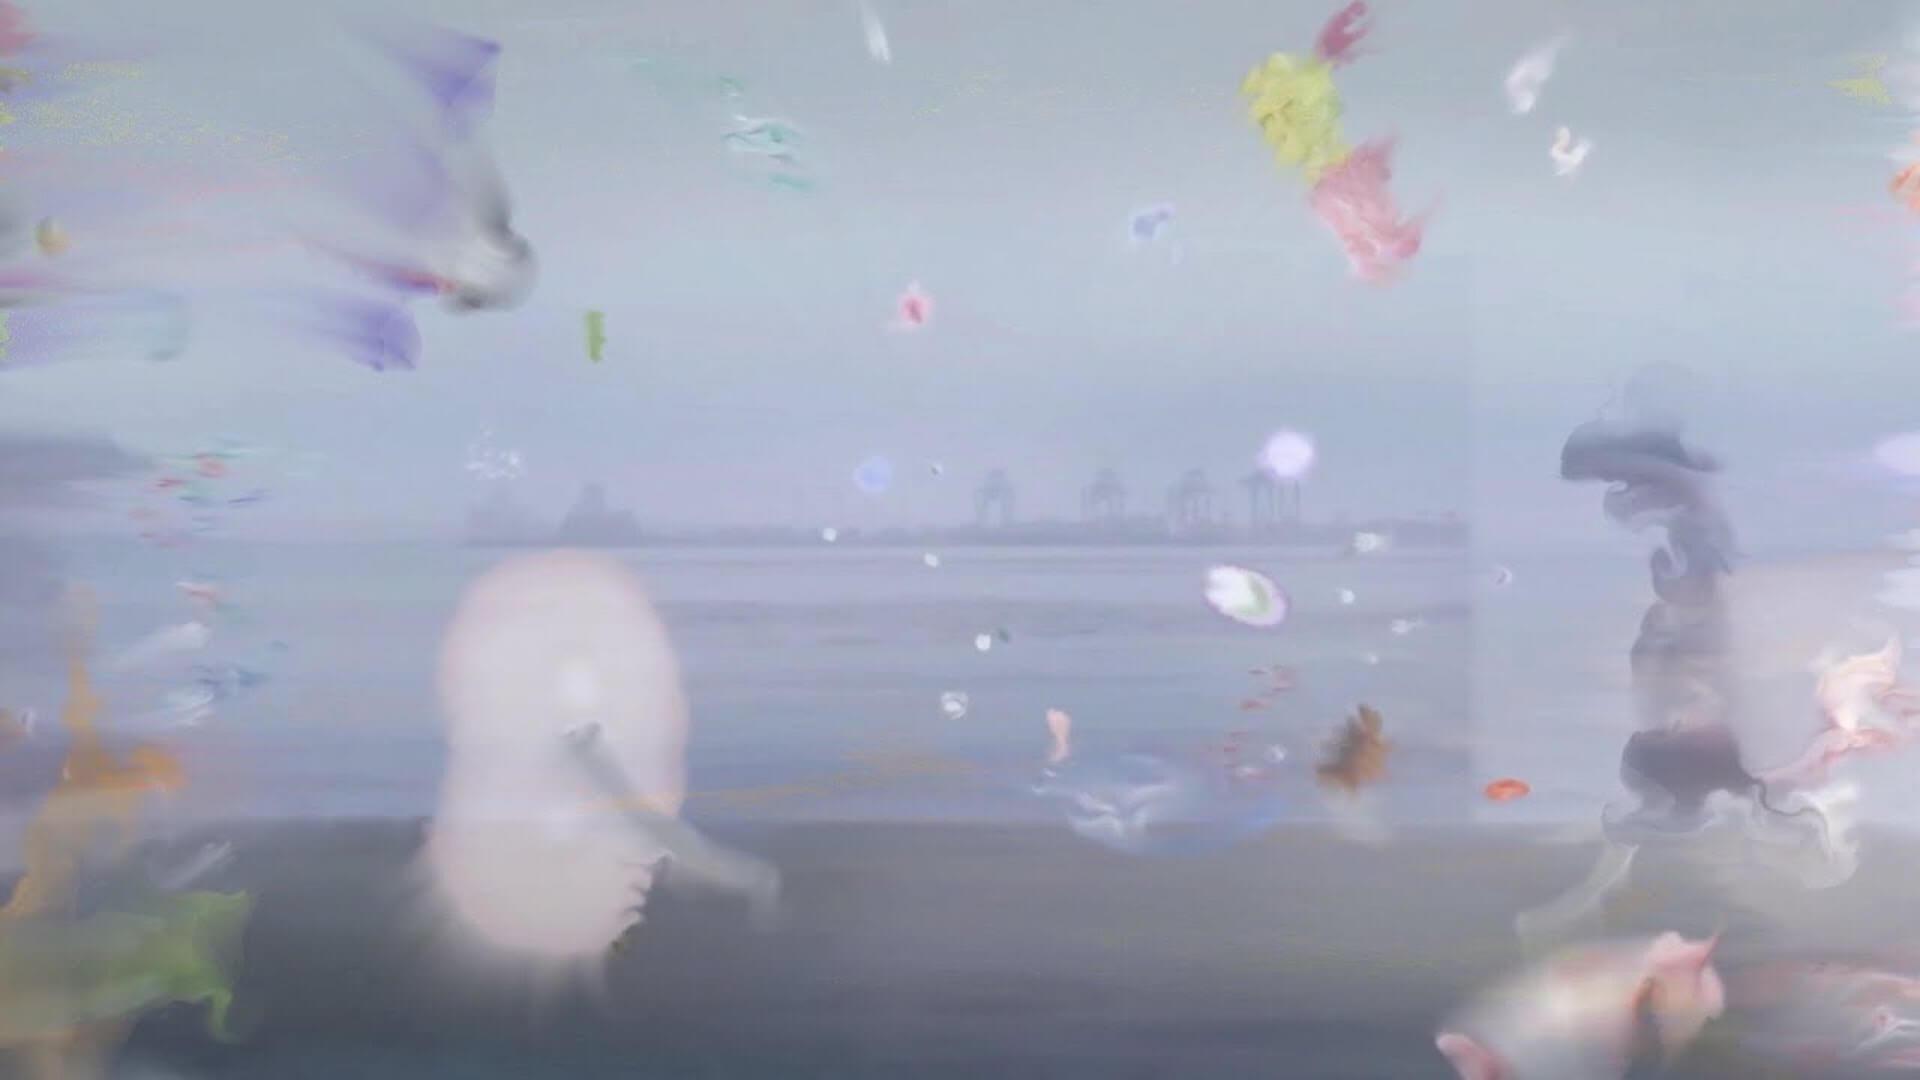 """長谷川白紙本人が登場する""""シー・チェンジ""""のMVが公開!弾き語りカバーアルバム『夢の骨が襲いかかる!』収録オリジナル曲 music200806_hasegawahakushi_mv_04"""